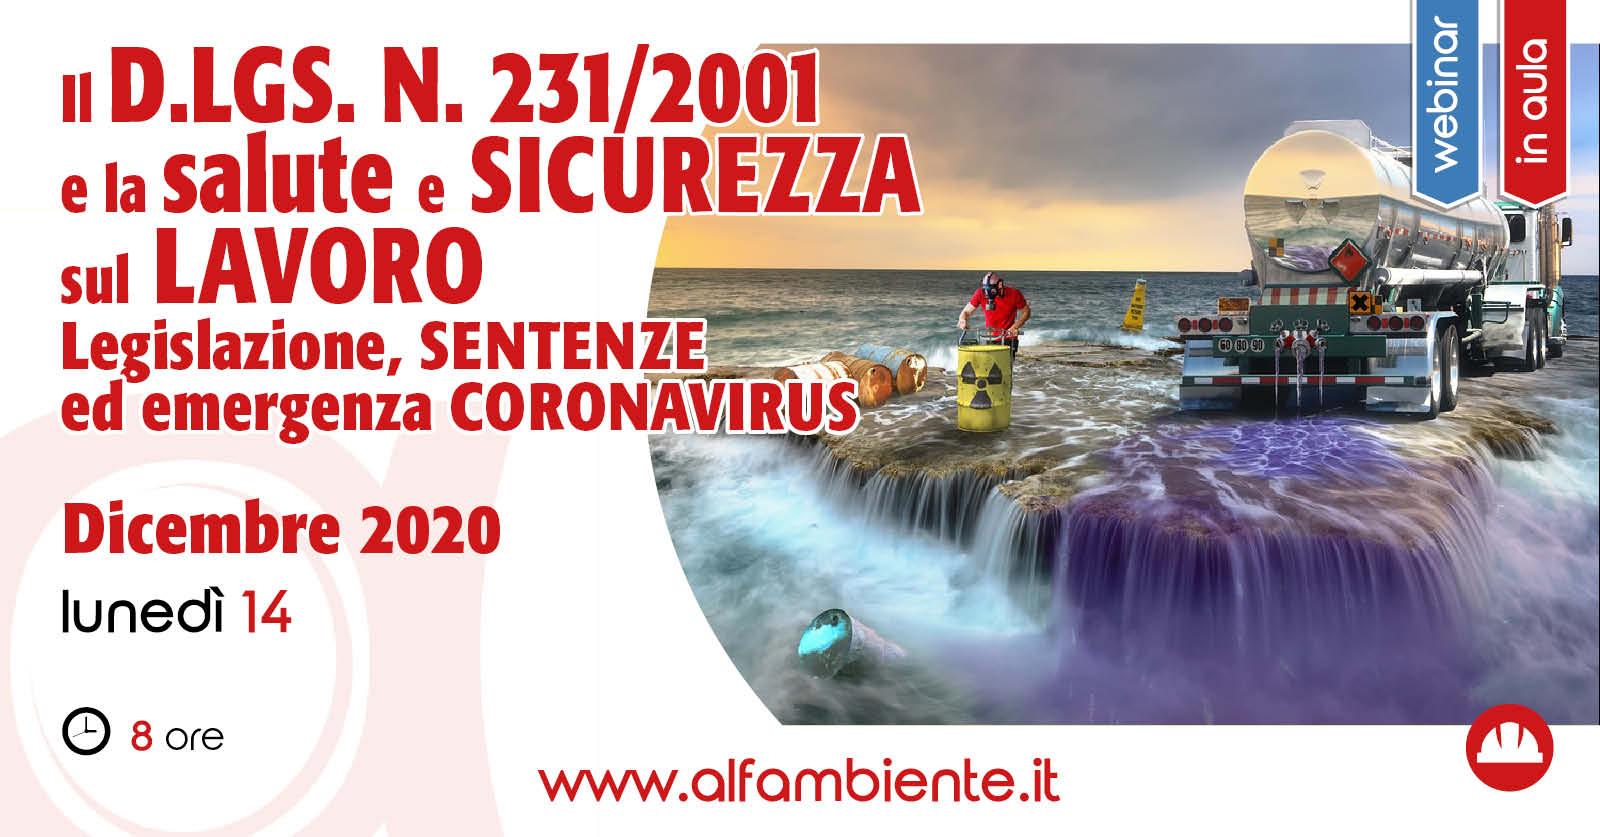 Il d.lgs. n. 231/2001 e la salute e sicurezza sul lavoro. Legislazione, sentenze ed emergenza Coronavirus.